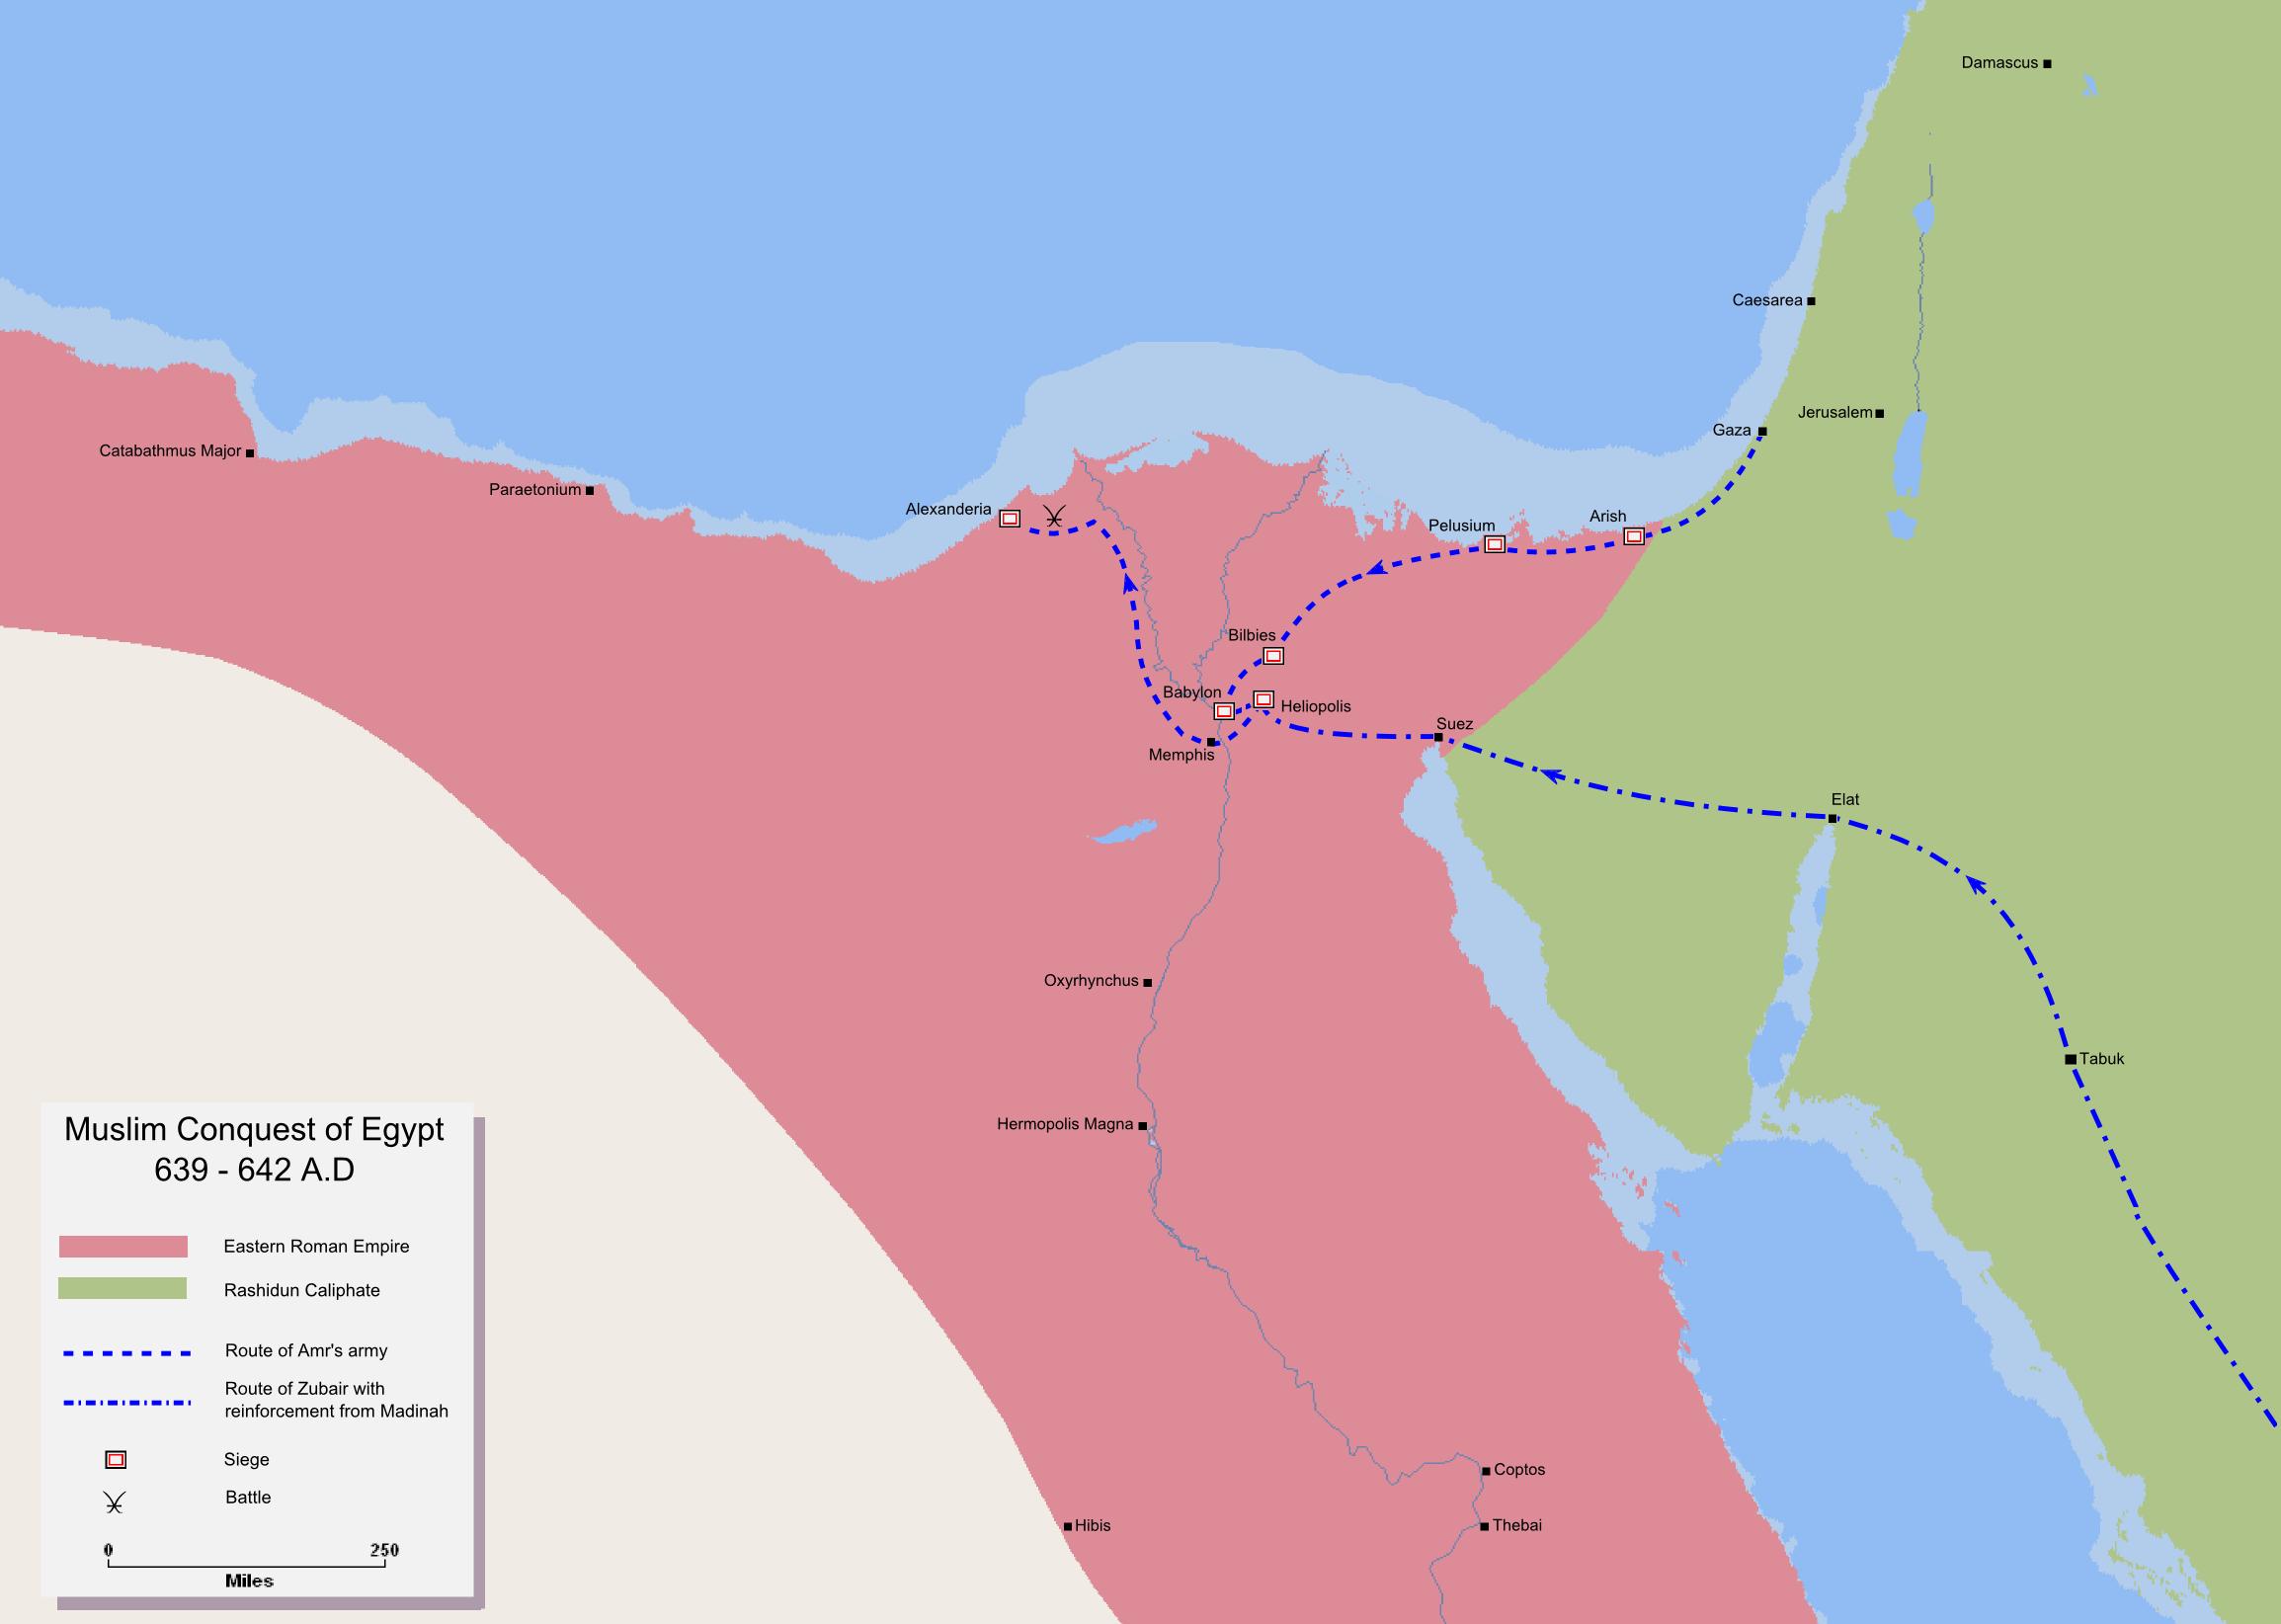 La conquista musulmana de Egipto 639-642